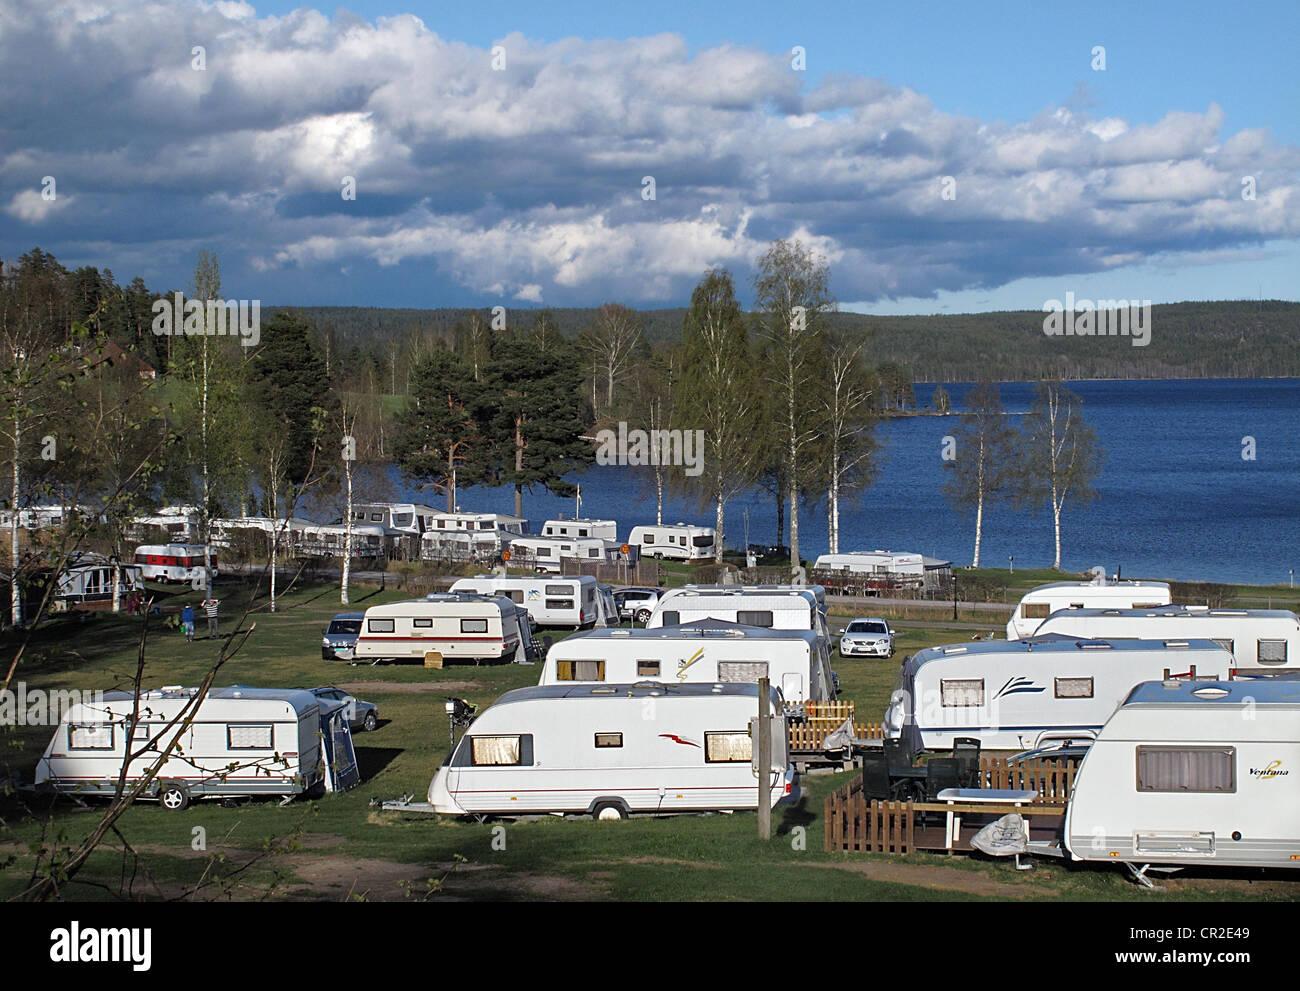 Wohnwagen Sie in Ekeby Camping Västra Silen See, Arjang, Värmland, Schweden Stockbild